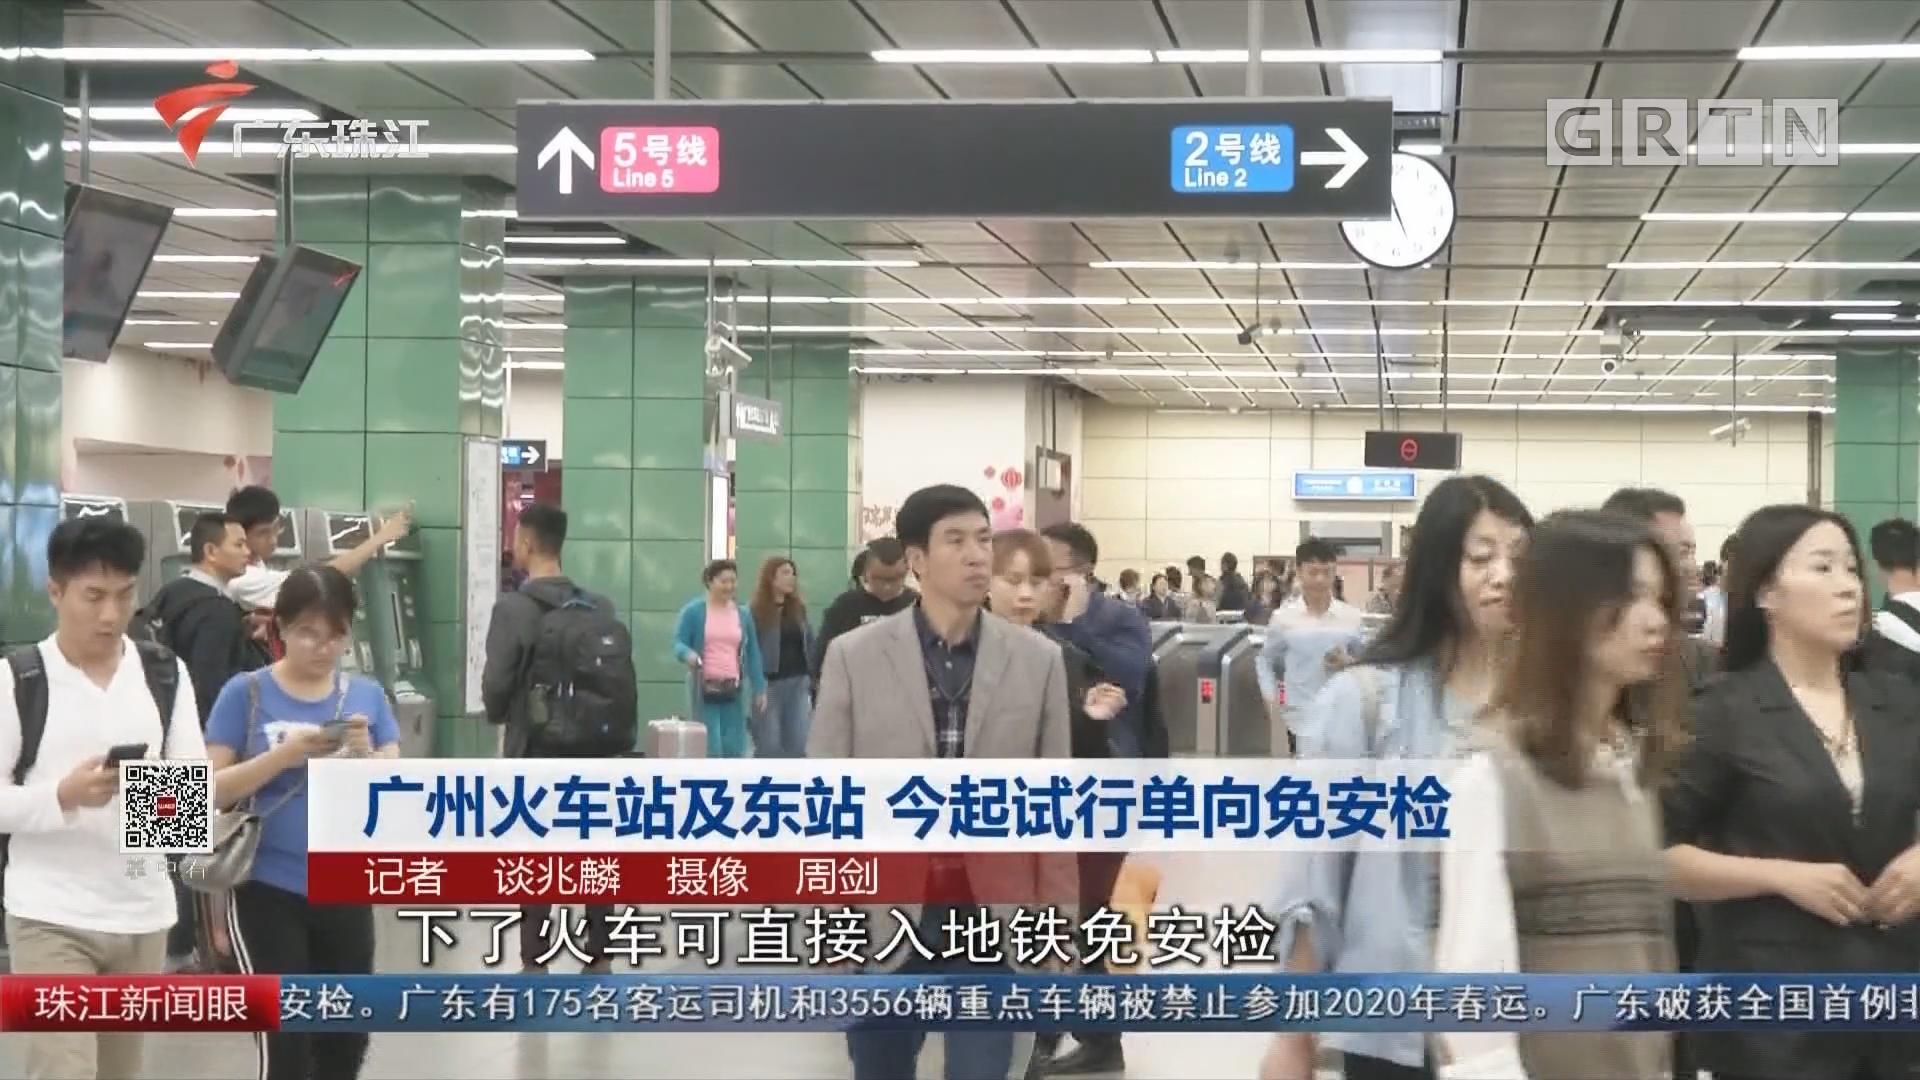 广州火车站及东站 今起试行单向免安检